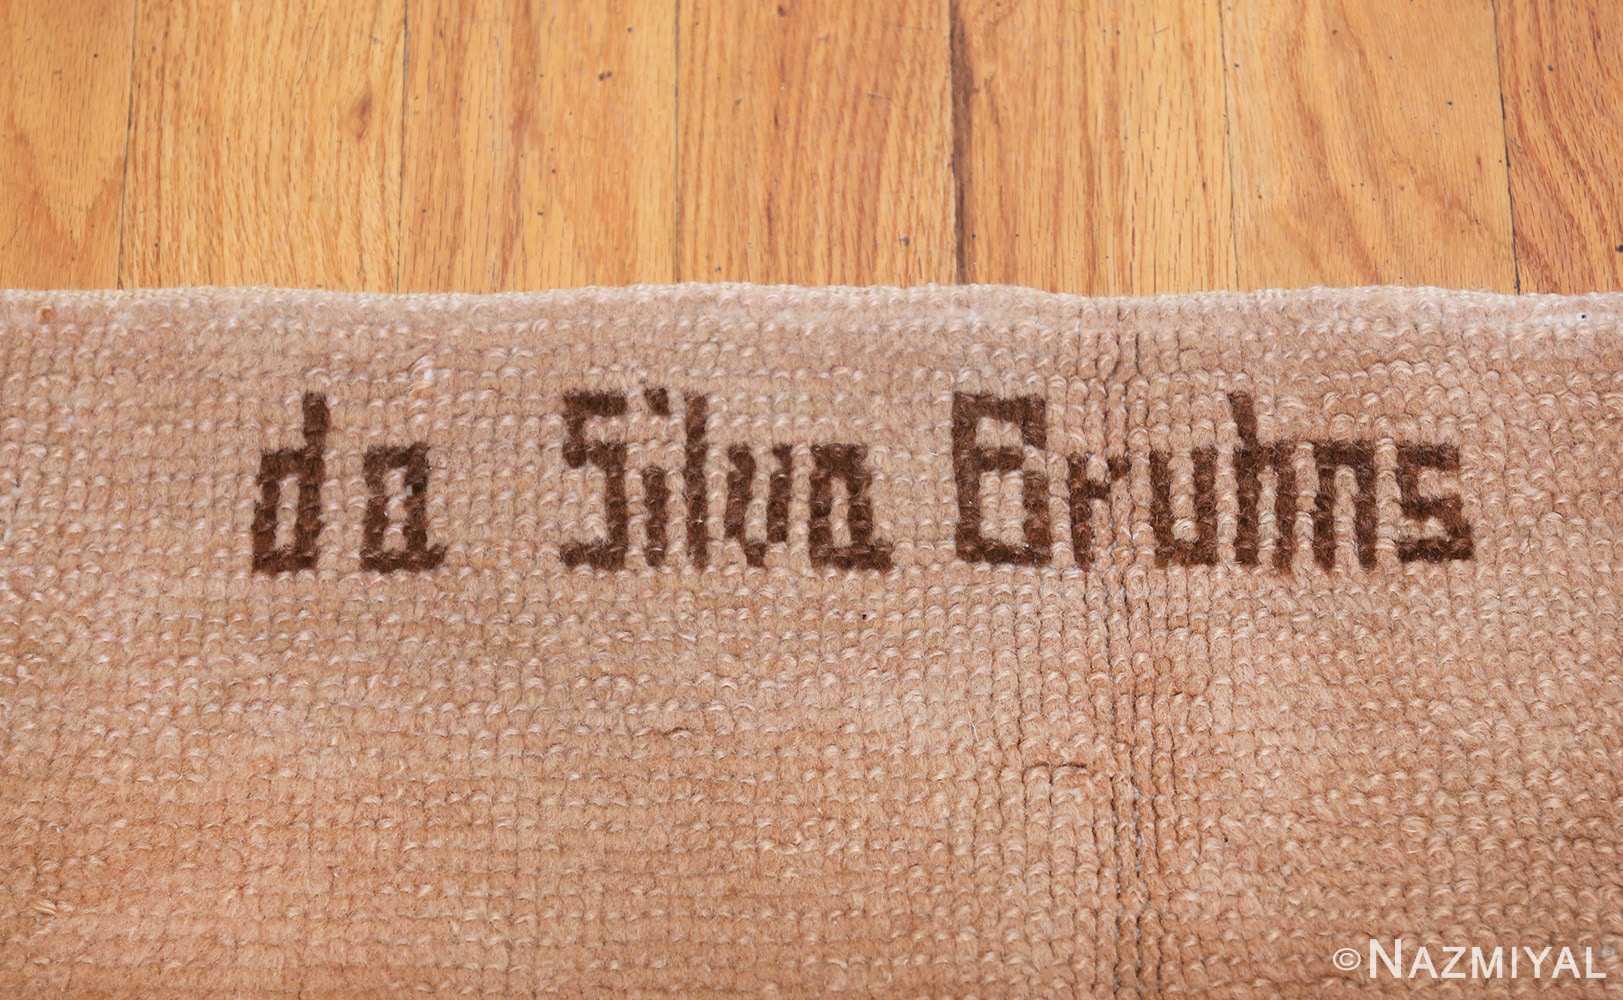 french art deco rug by ivan da silva bruhns 49081 signature Nazmiyal